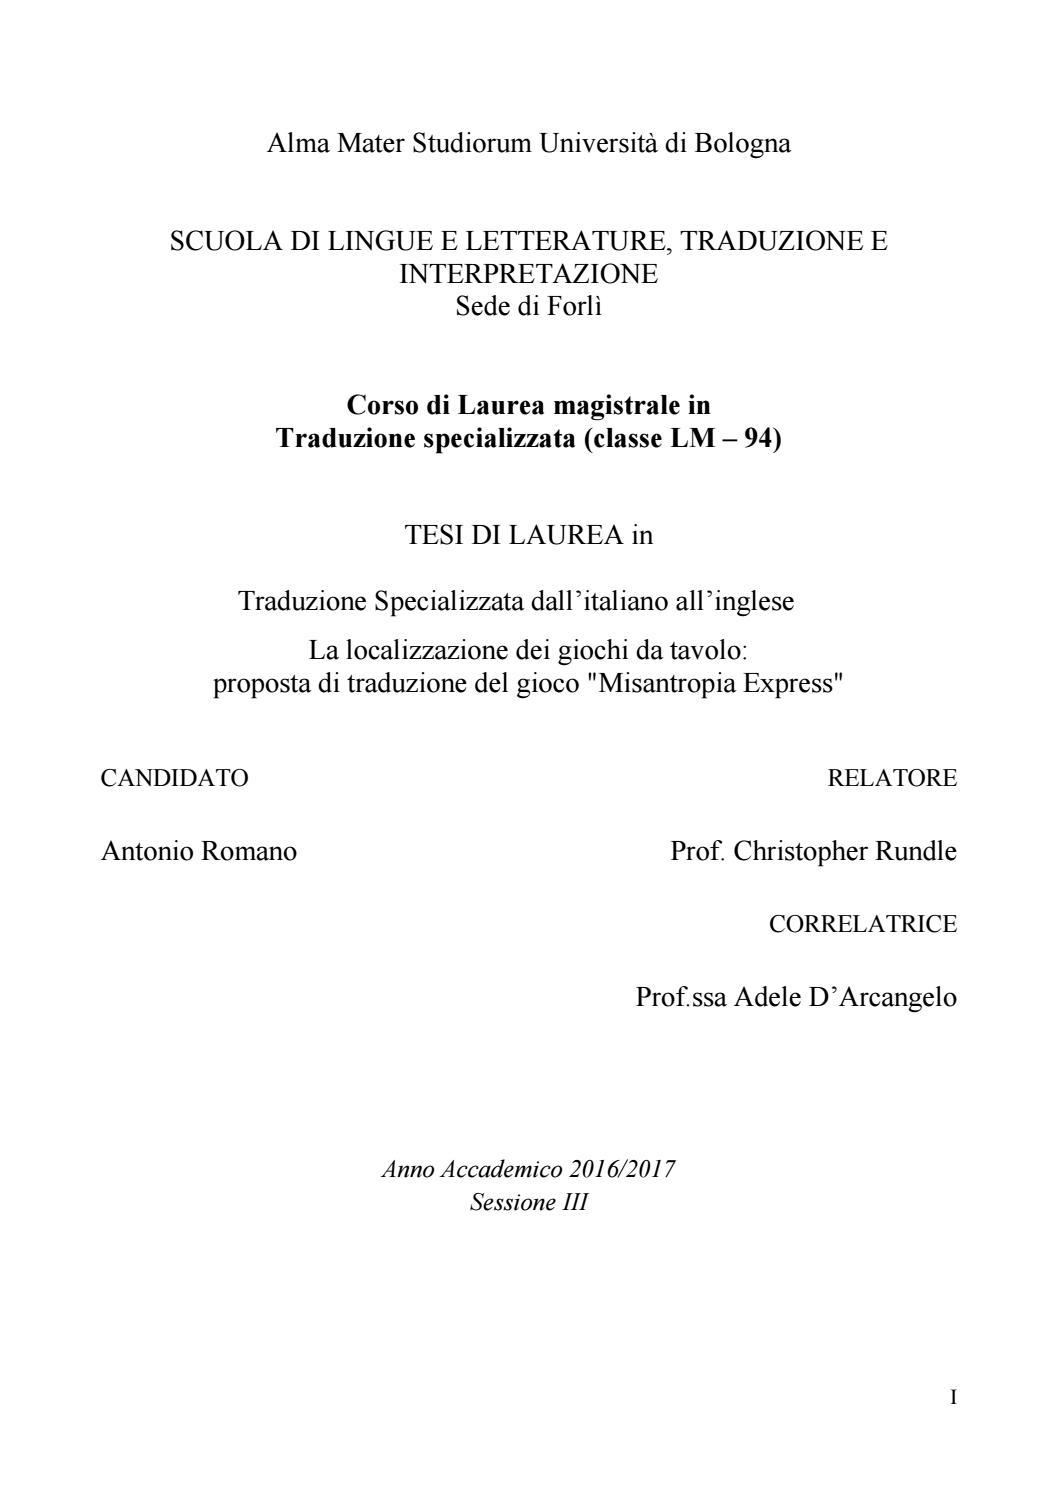 f1bb844ea2 Antonio Romano - La localizzazione dei giochi da tavolo - 2018 by ...